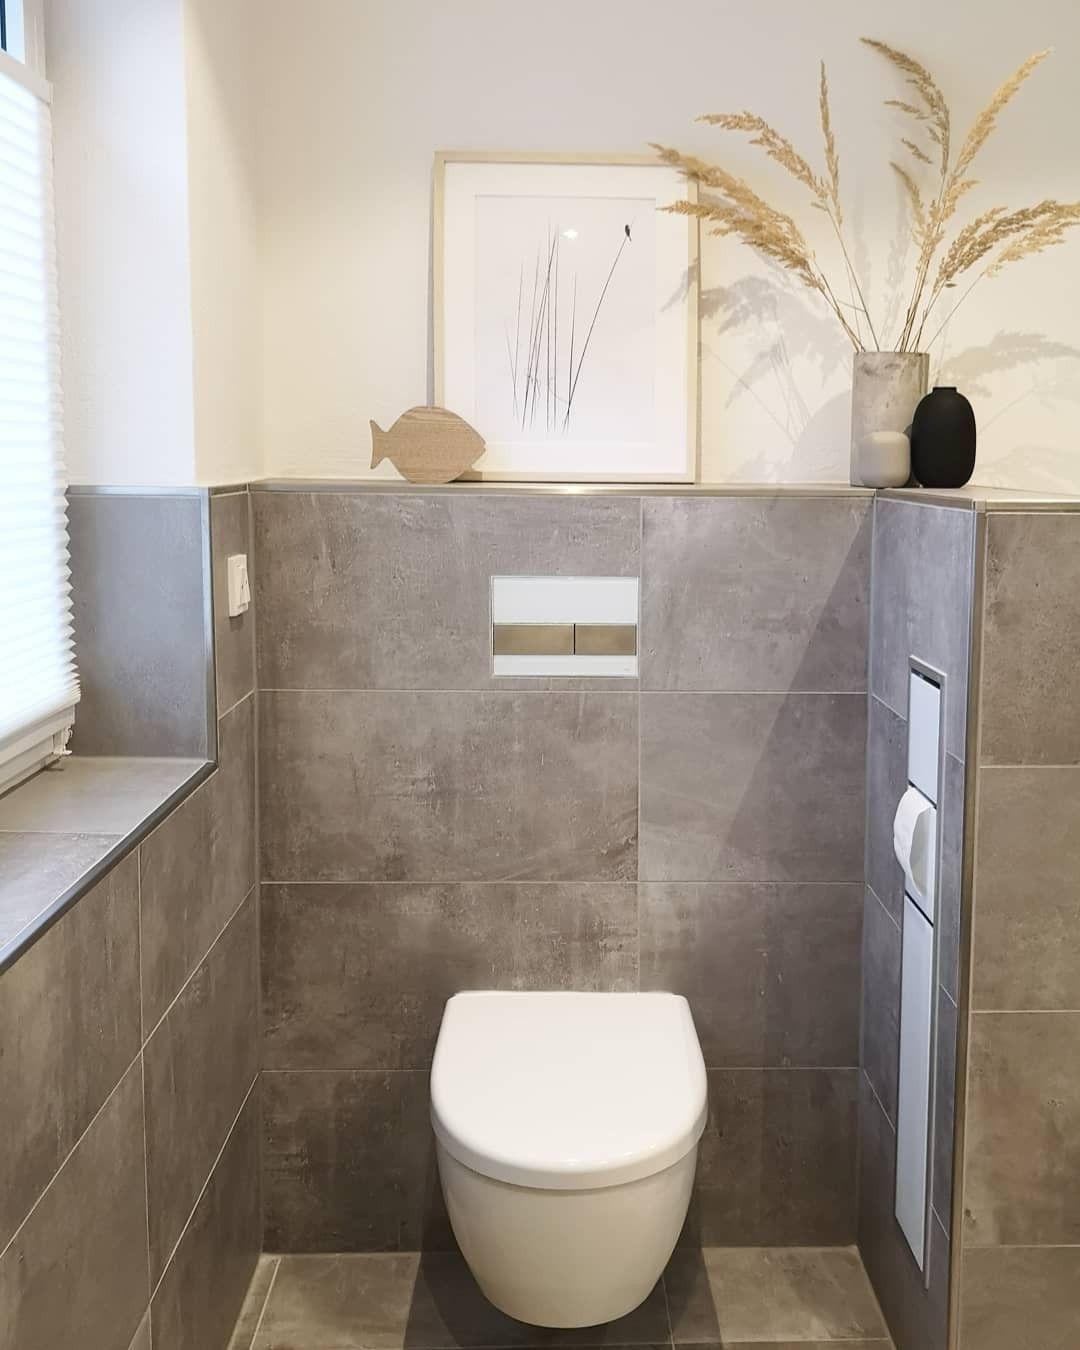 Badezimmer in Betonoptik grau weiß